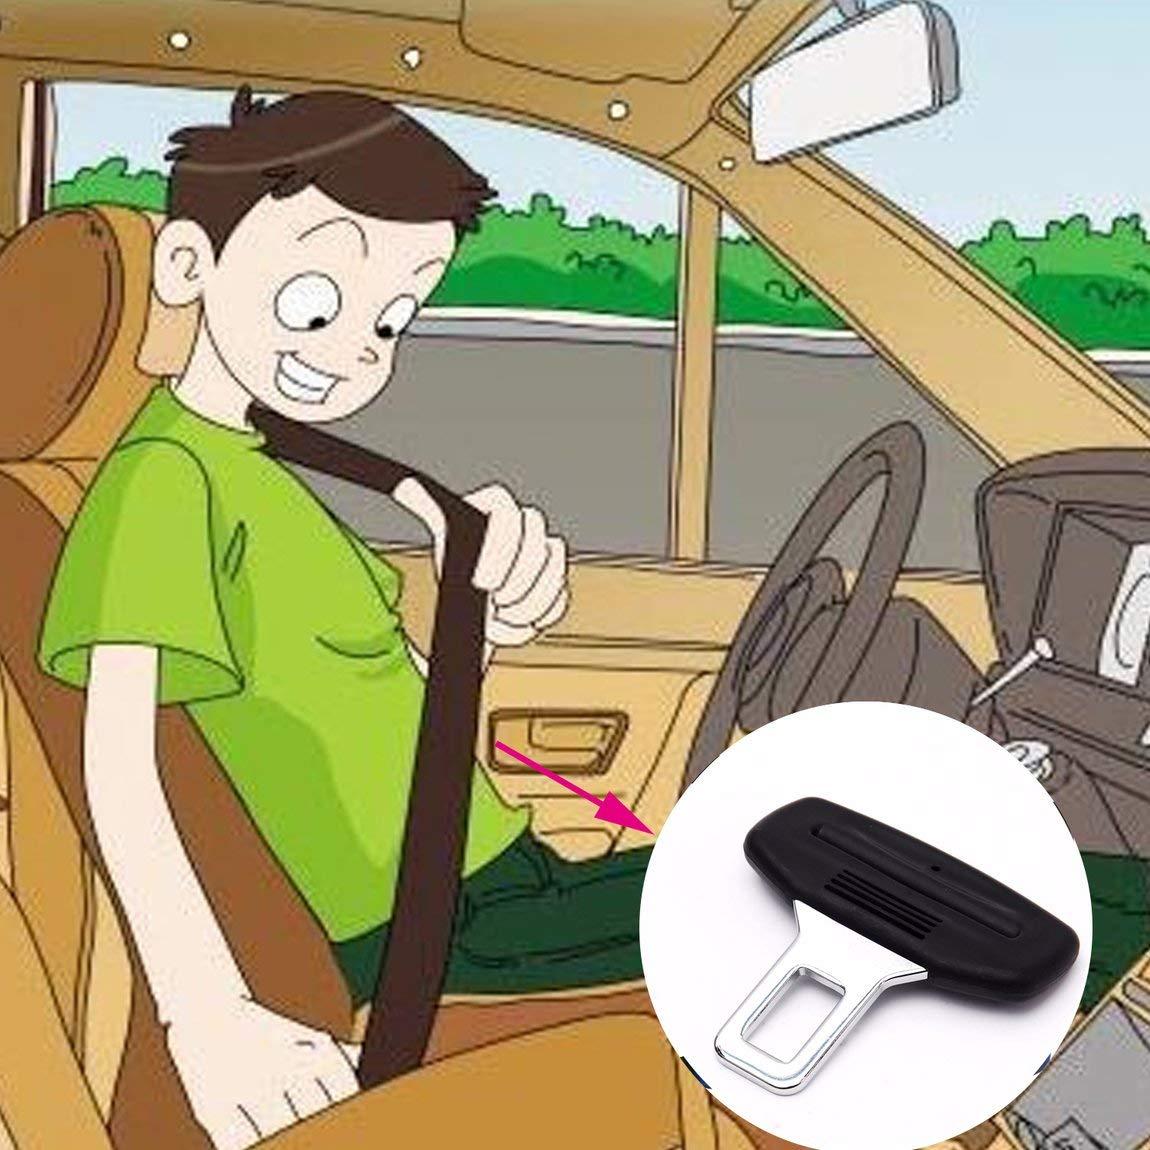 Clip de cintur/ón de Seguridad para autom/óvil Hebilla de cintur/ón de Seguridad para autom/óvil Abridores de Botellas montados en veh/ículos HarveyRudol85 Excelente